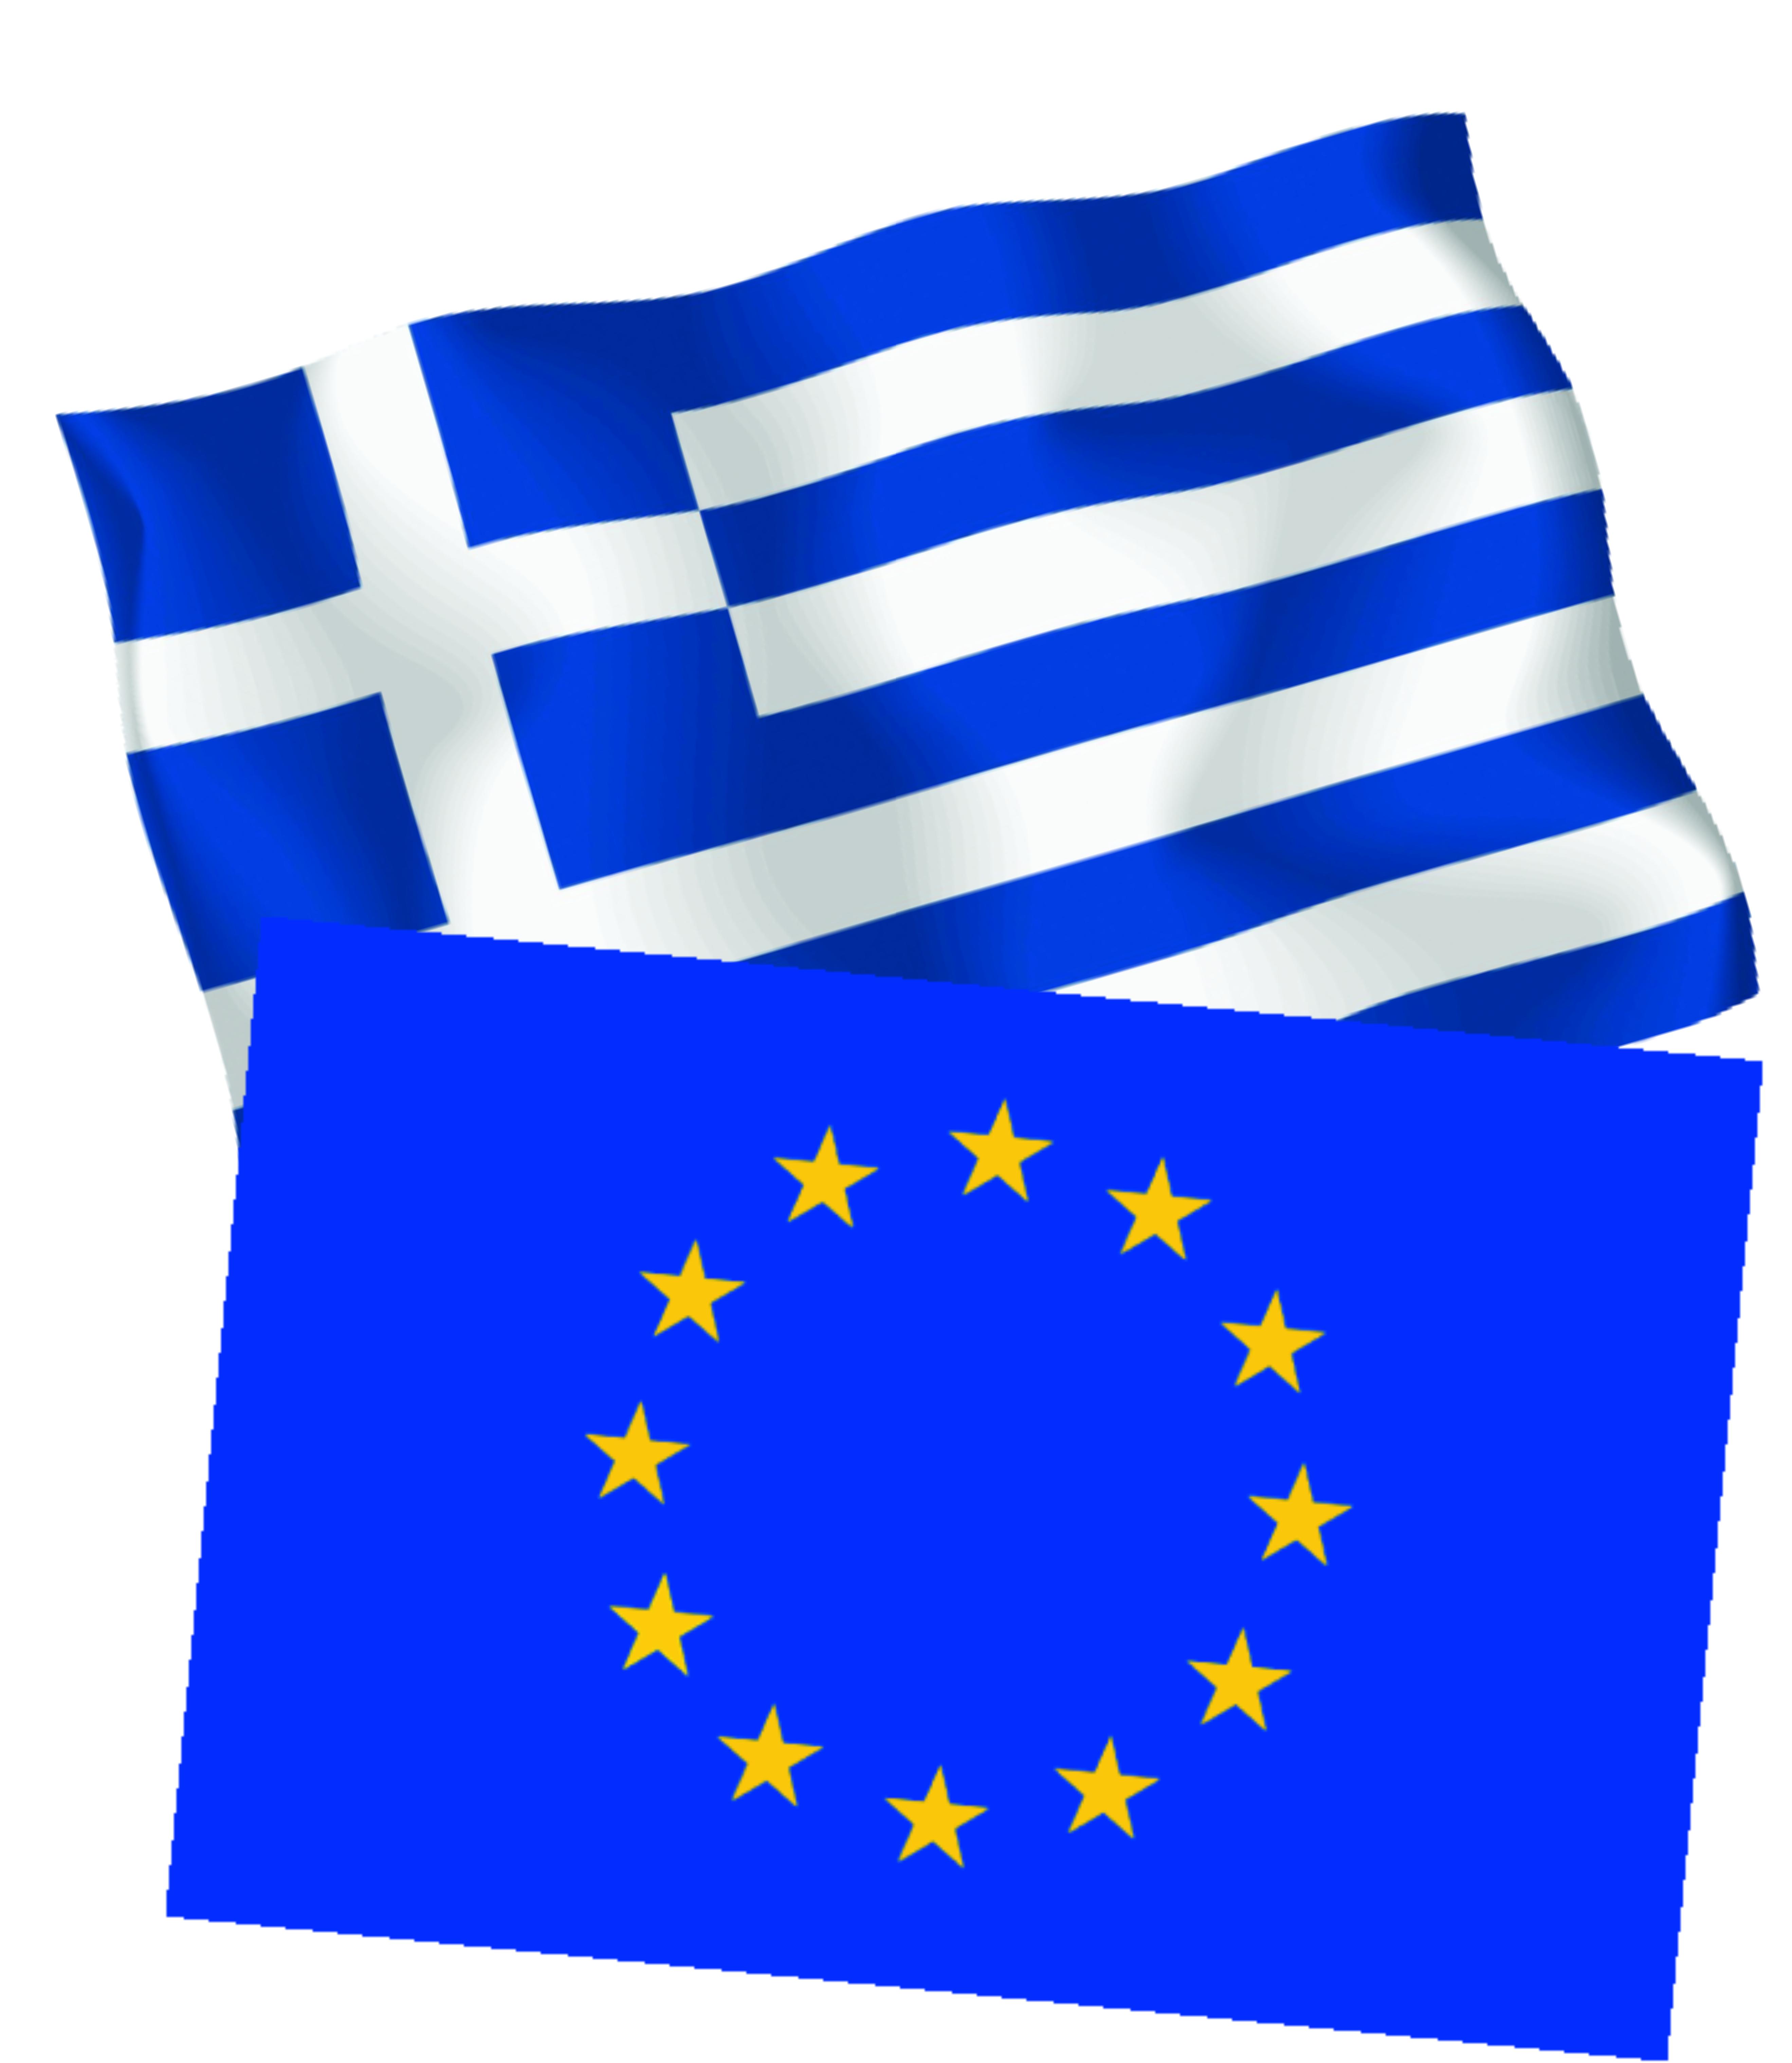 Σημαία Ελληνική ΚΩΔ: 201002  100x150cm ΚΩΔ: 201003  70x100cm Σημαία Ευρωπαϊκή ΚΩΔ: 201004  100x150cm